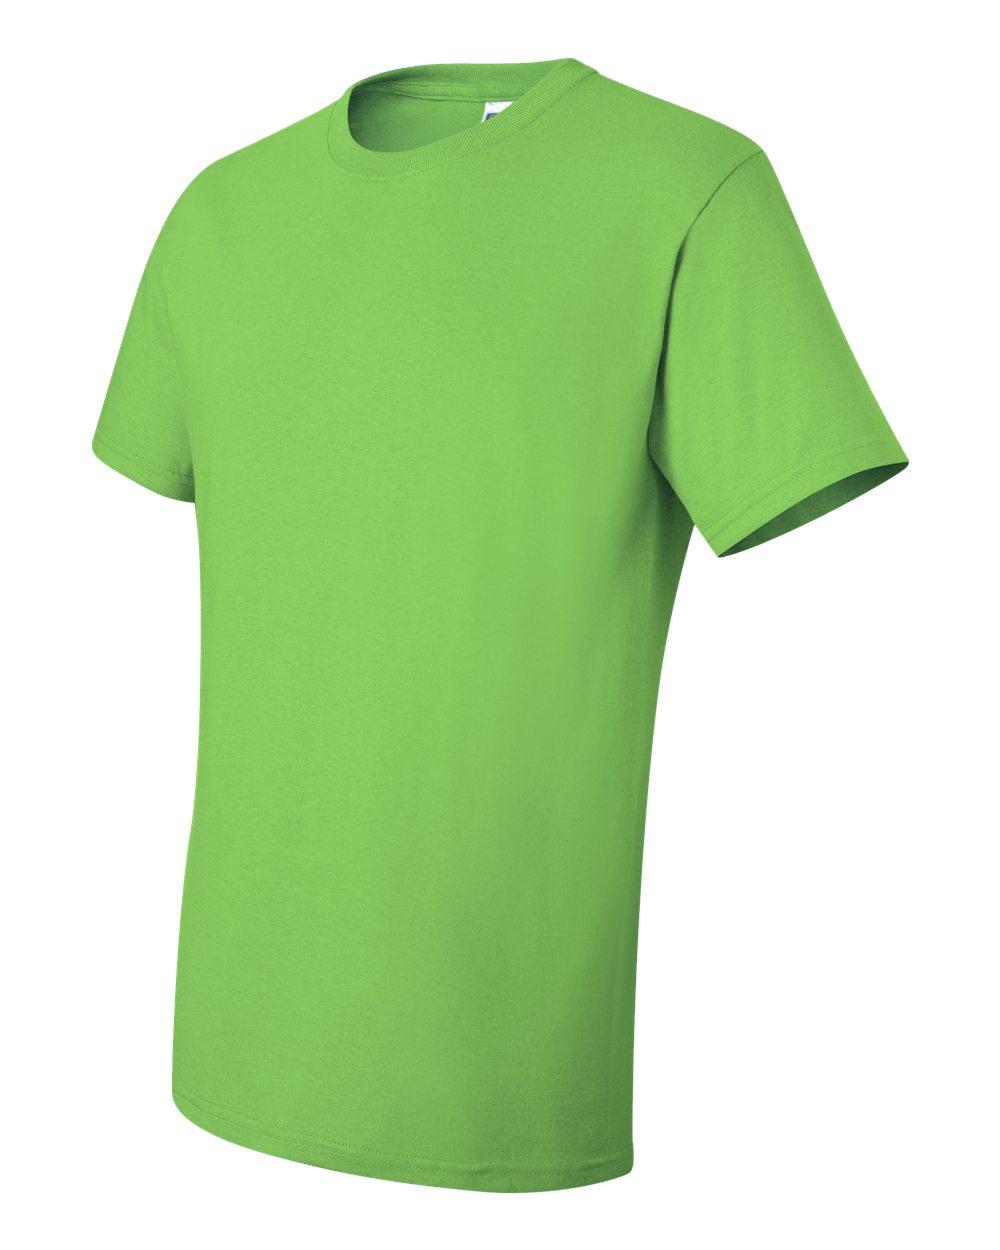 Jerzees-Men-039-s-5-6-oz-50-50-Heavyweight-Blend-T-Shirt-29M-S-4XL thumbnail 9